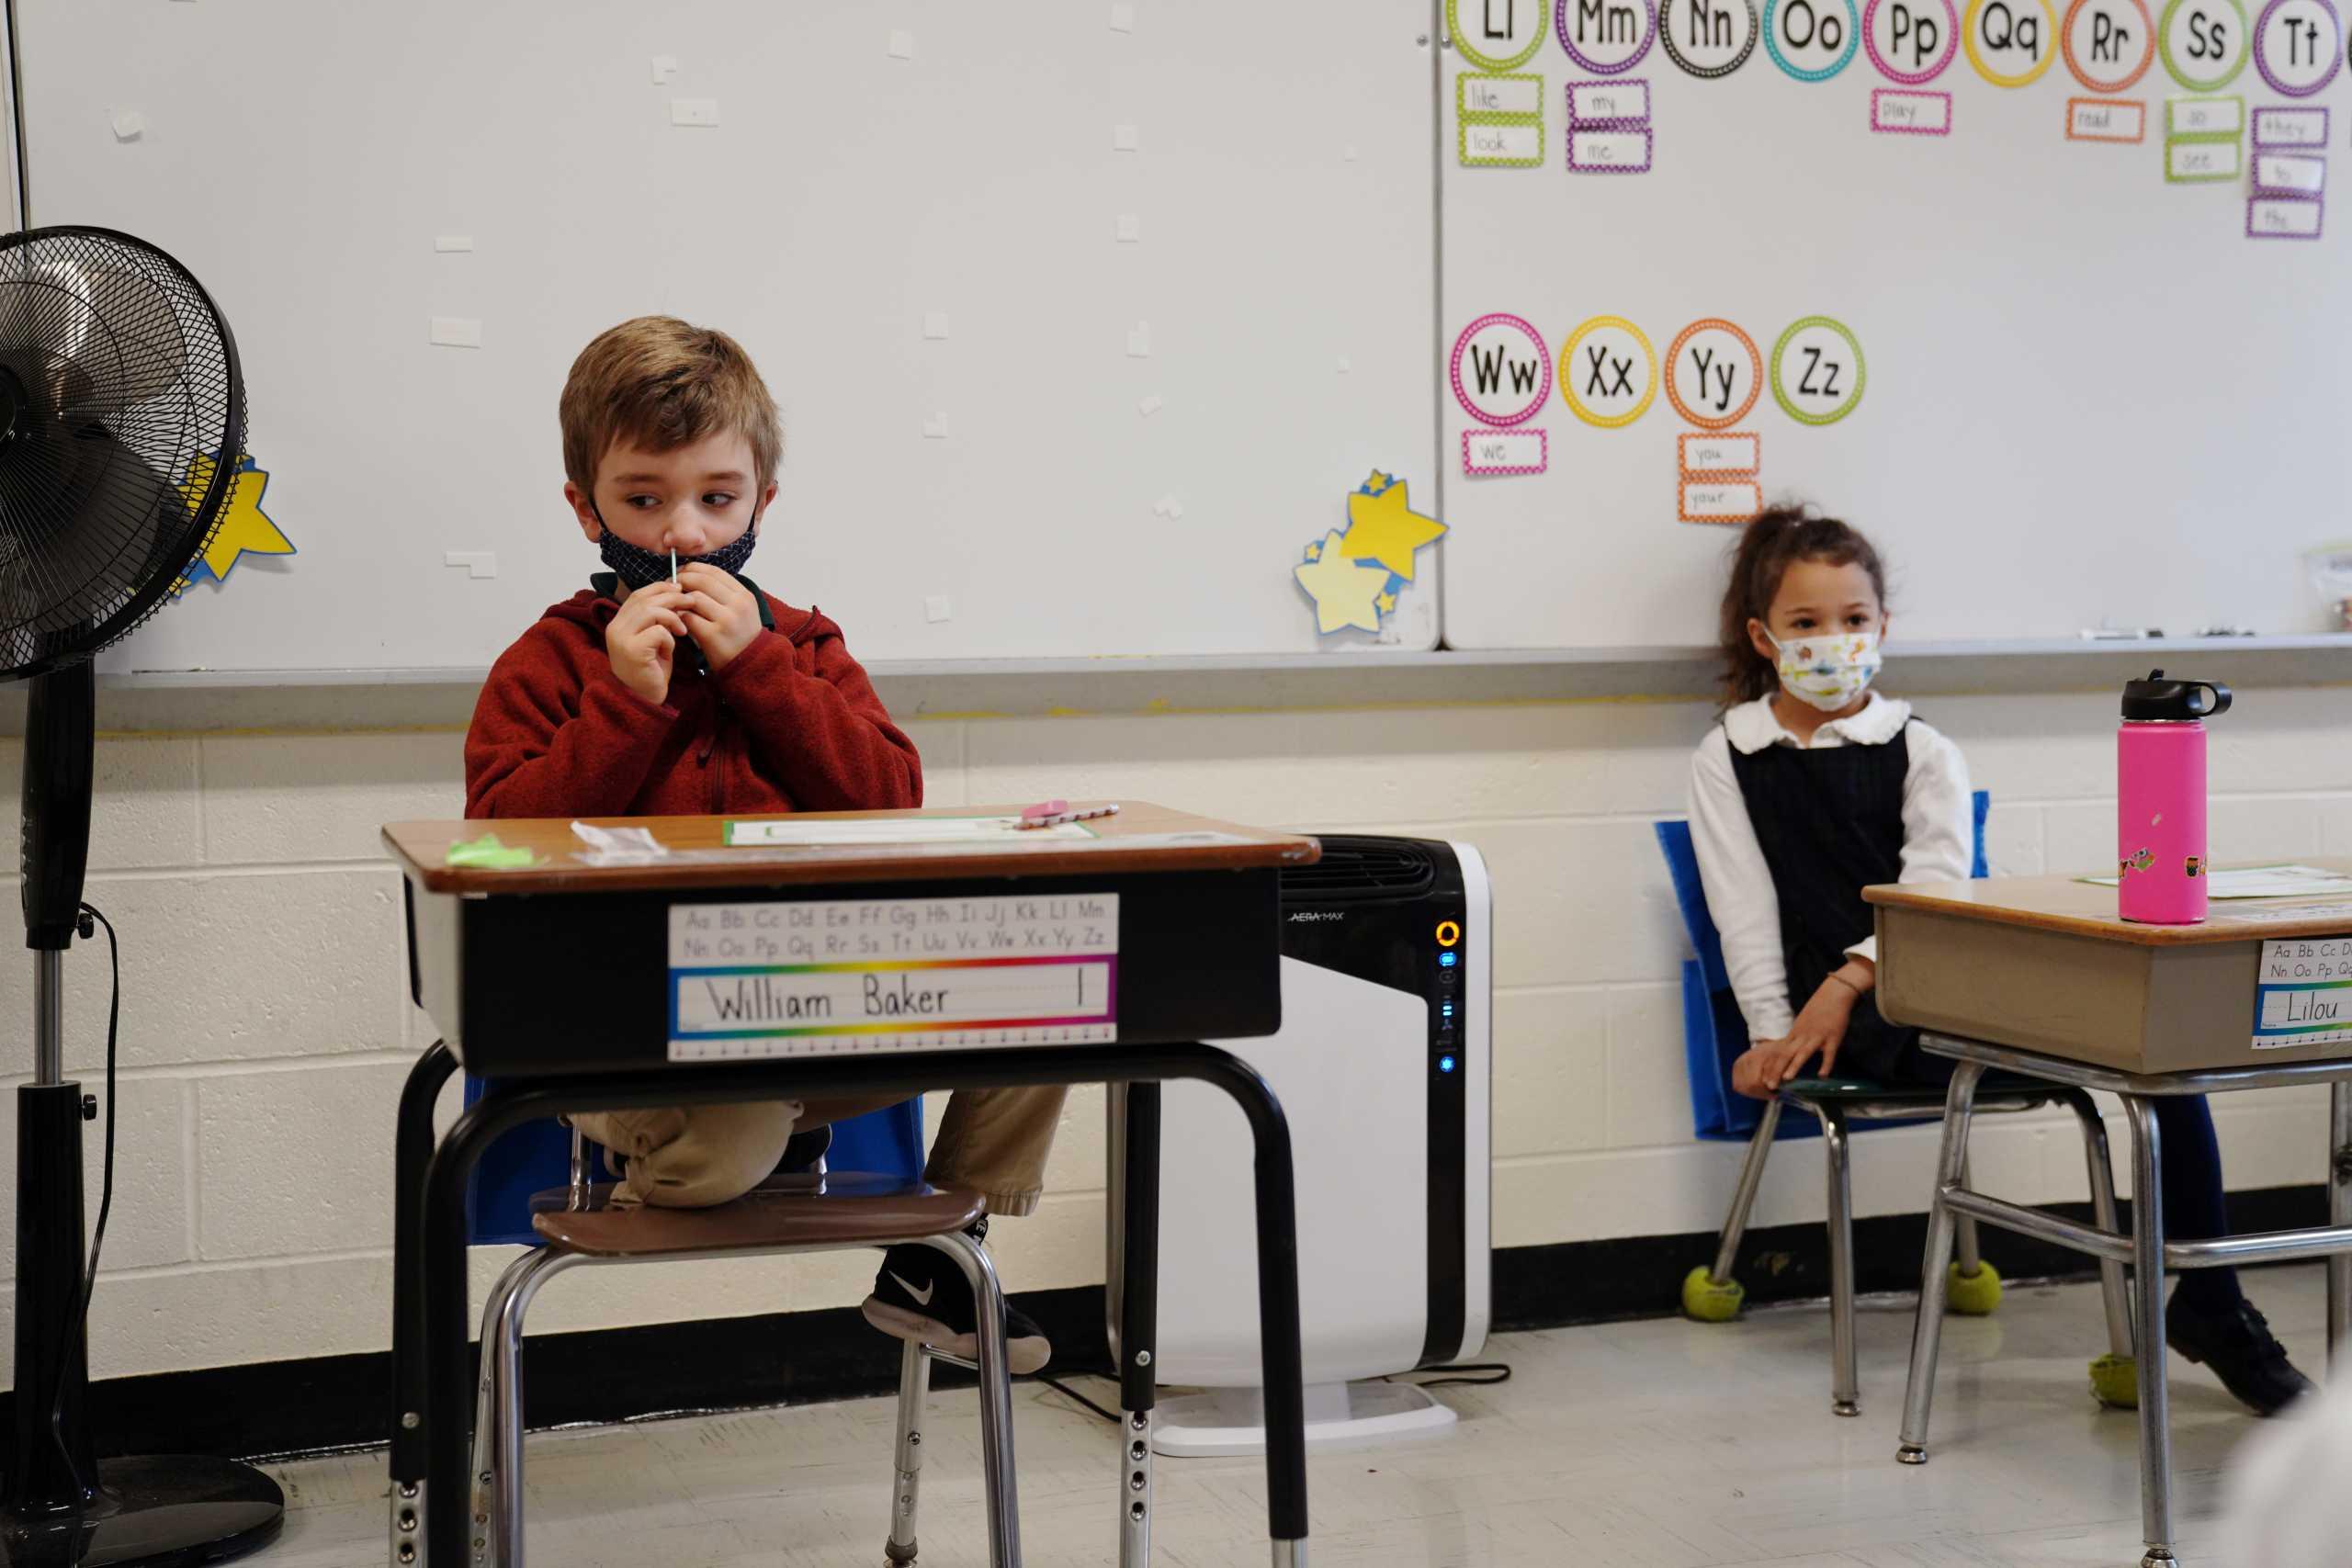 Αργεντινή: Ανοίγουν με απόφαση δικαστηρίου τα σχολεία στην πρωτεύουσα παρά τα πολλά κρούσματα